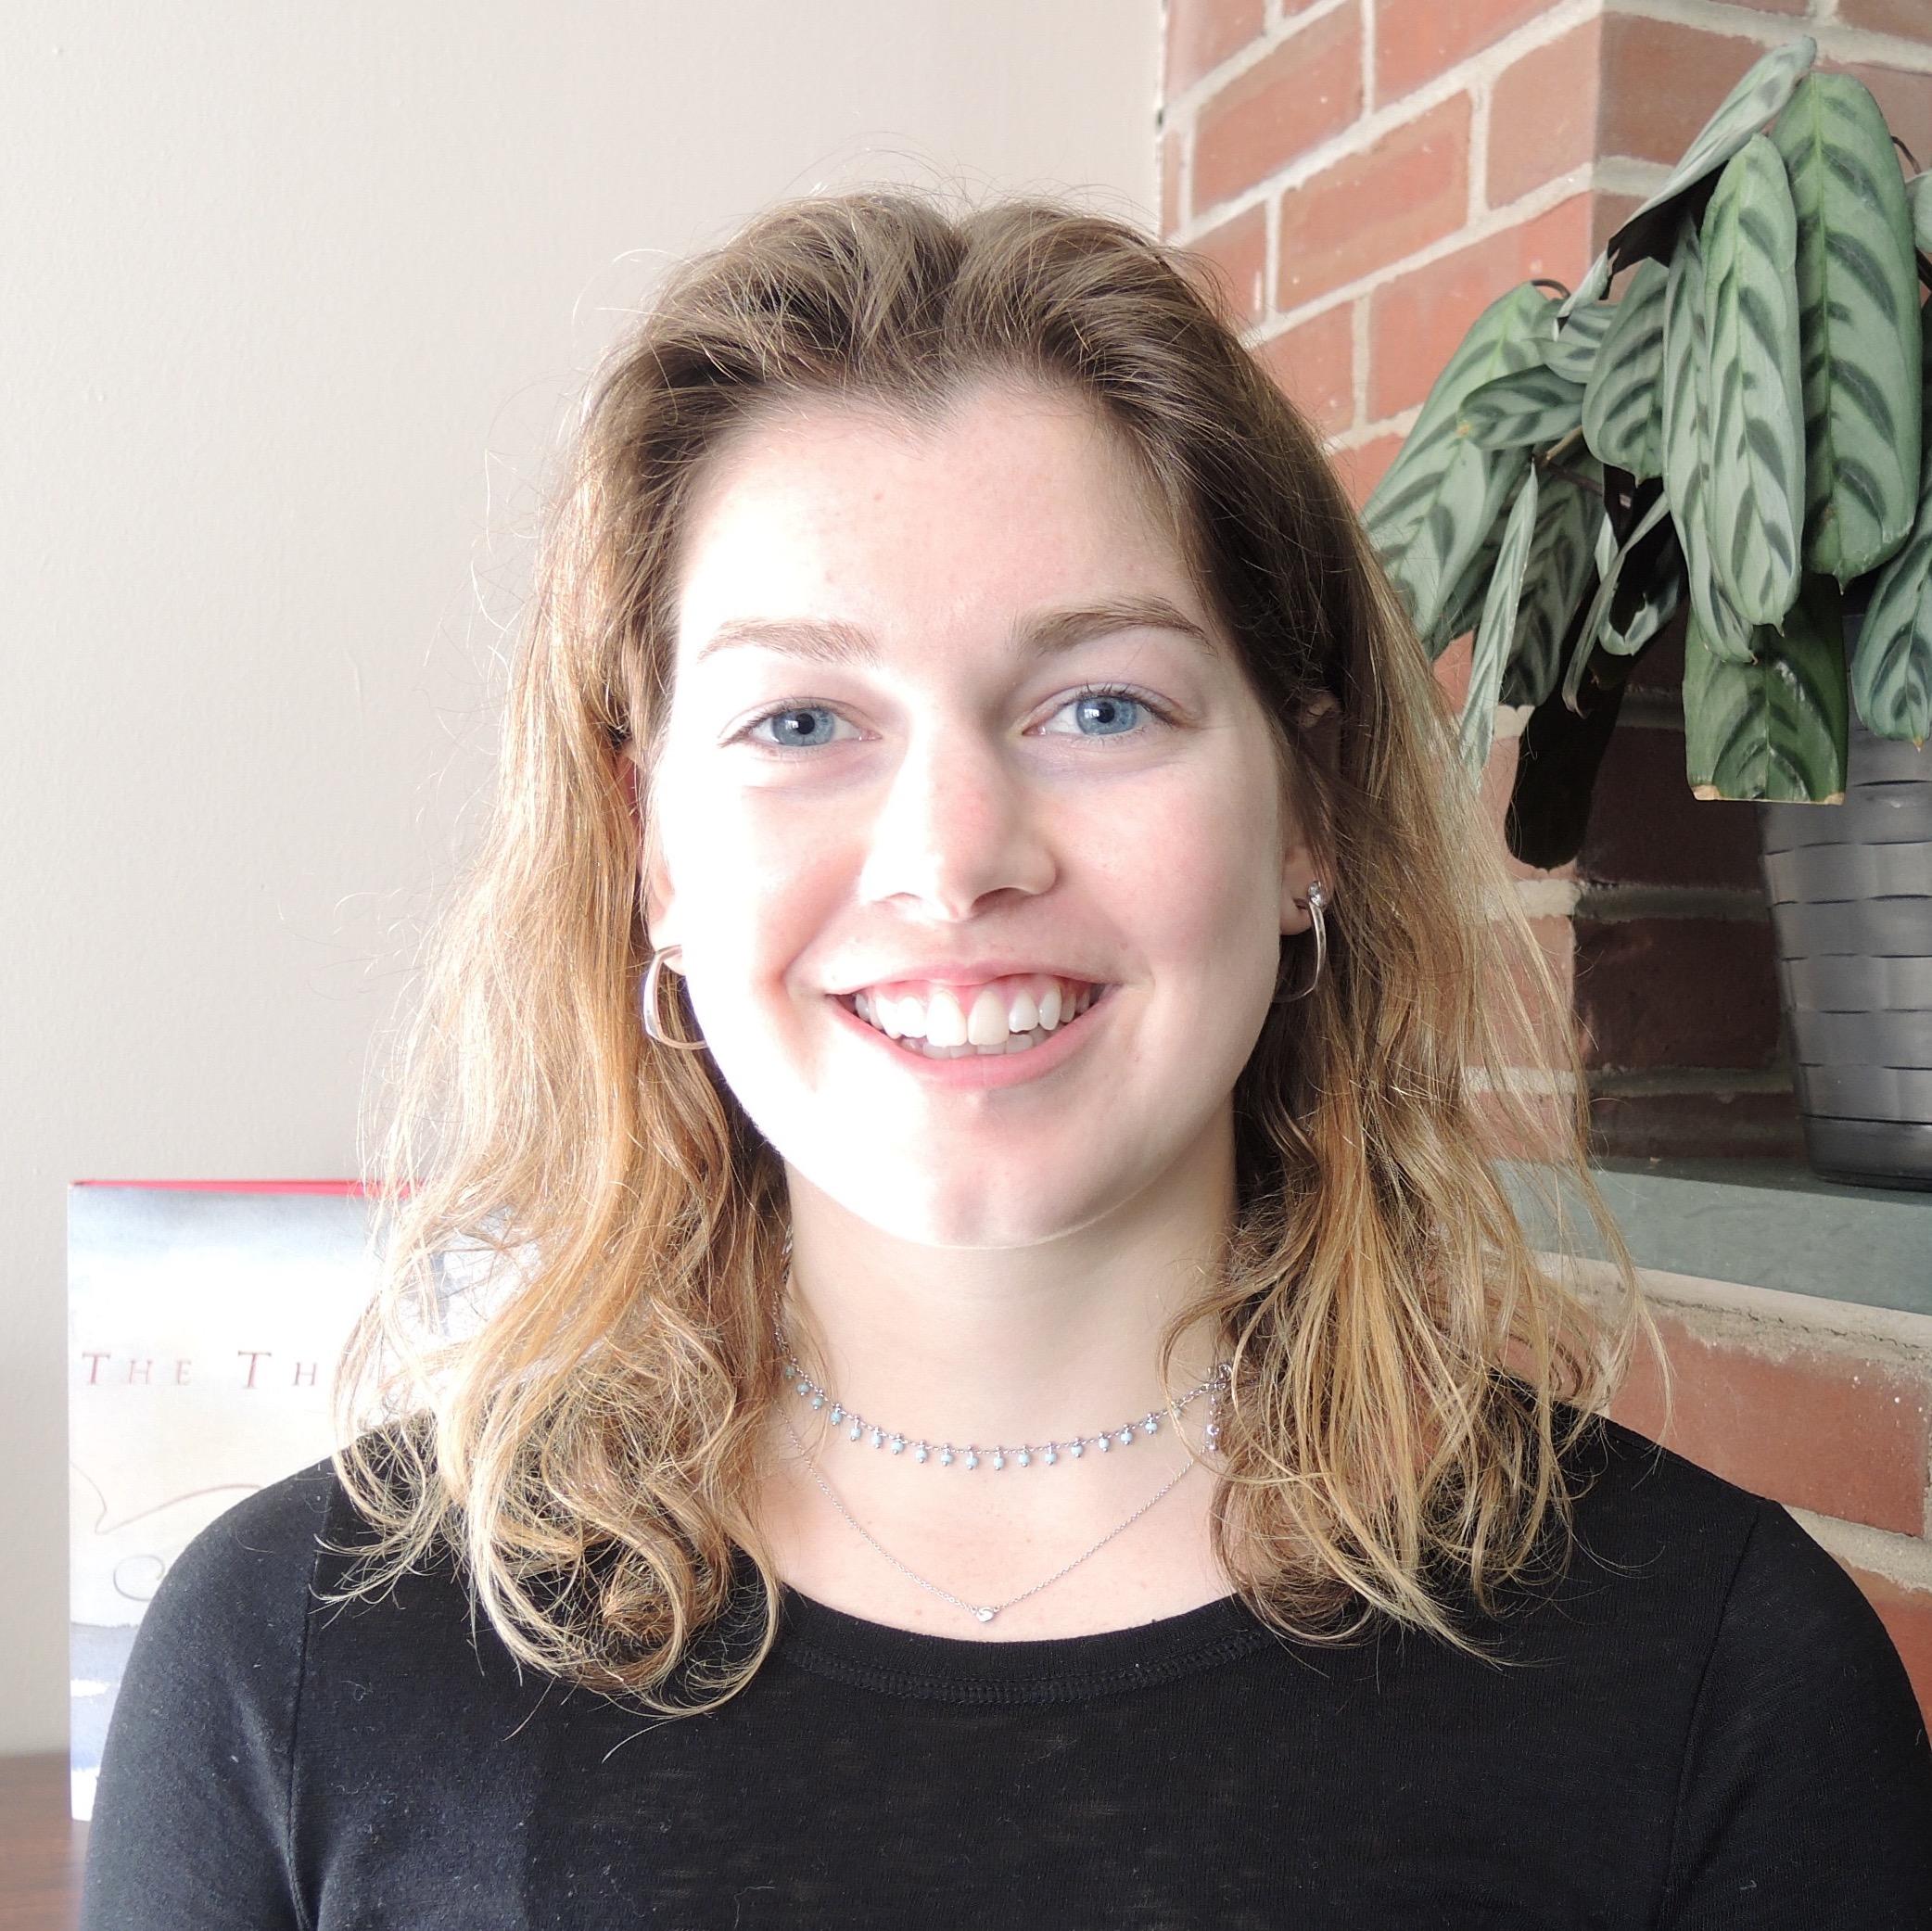 Carly Alpert